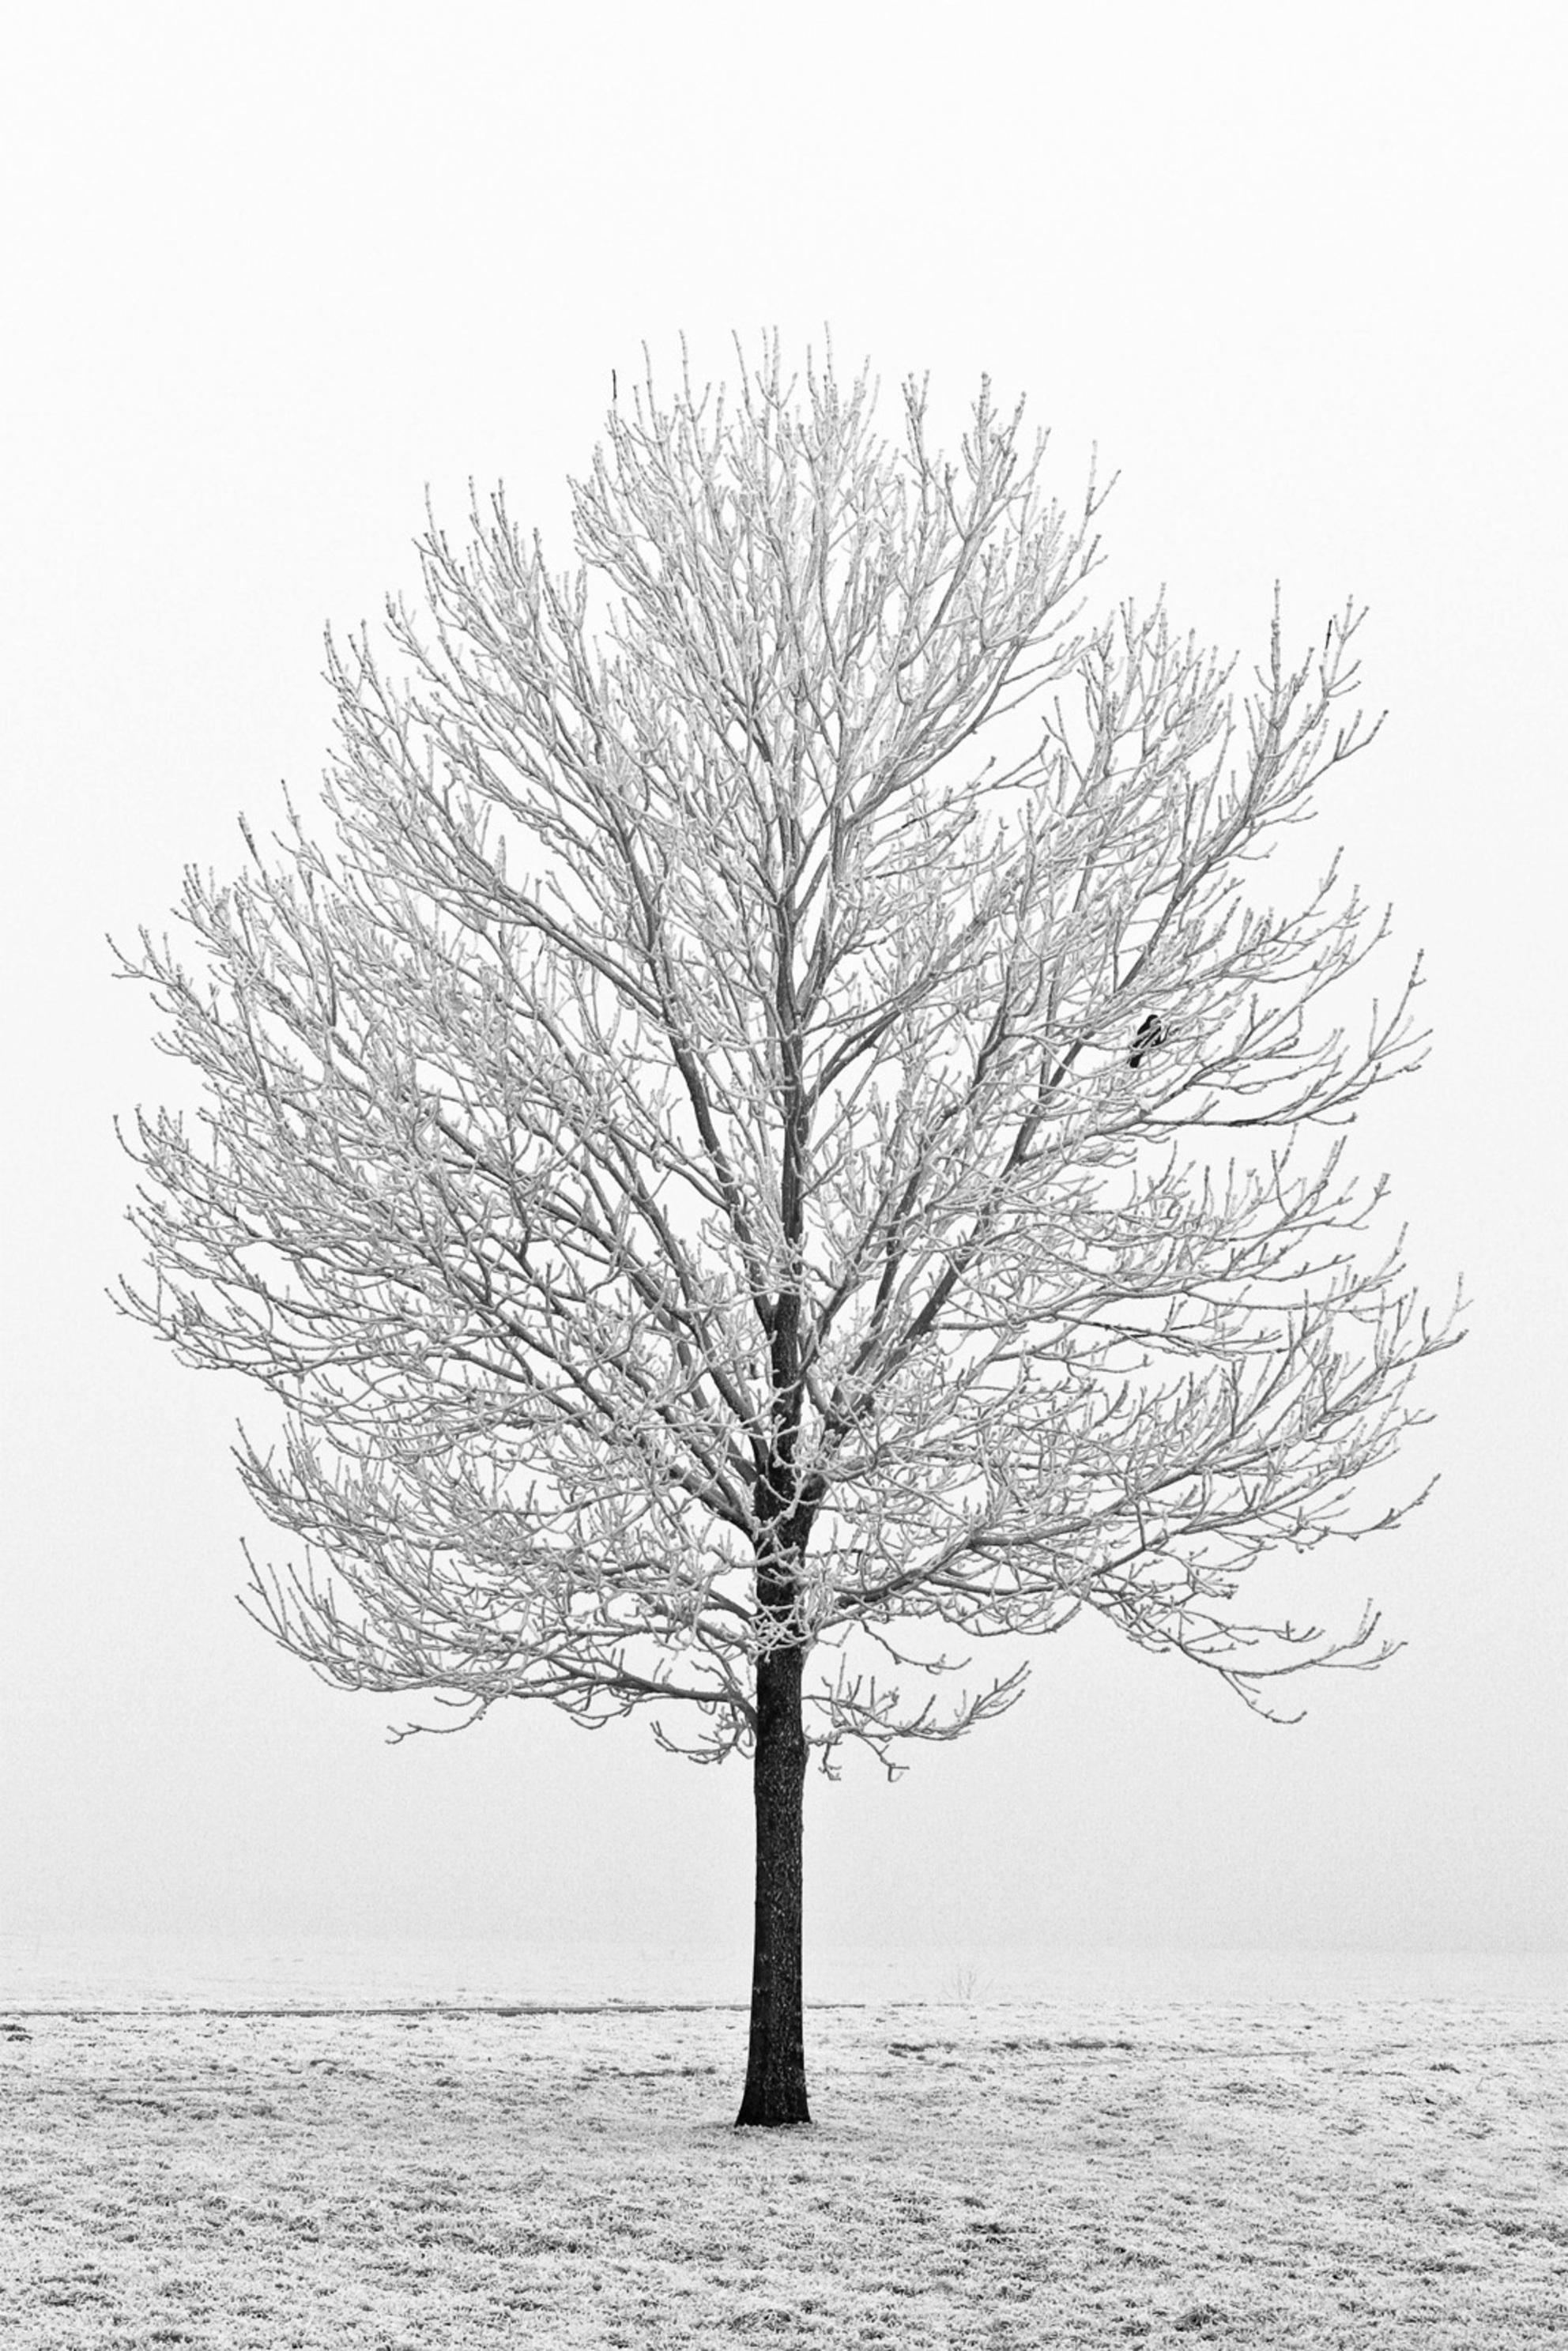 Winterboom - - - foto door Vanmas op 13-11-2009 - deze foto bevat: boom, sneeuw, rijp, winter, koud, kou